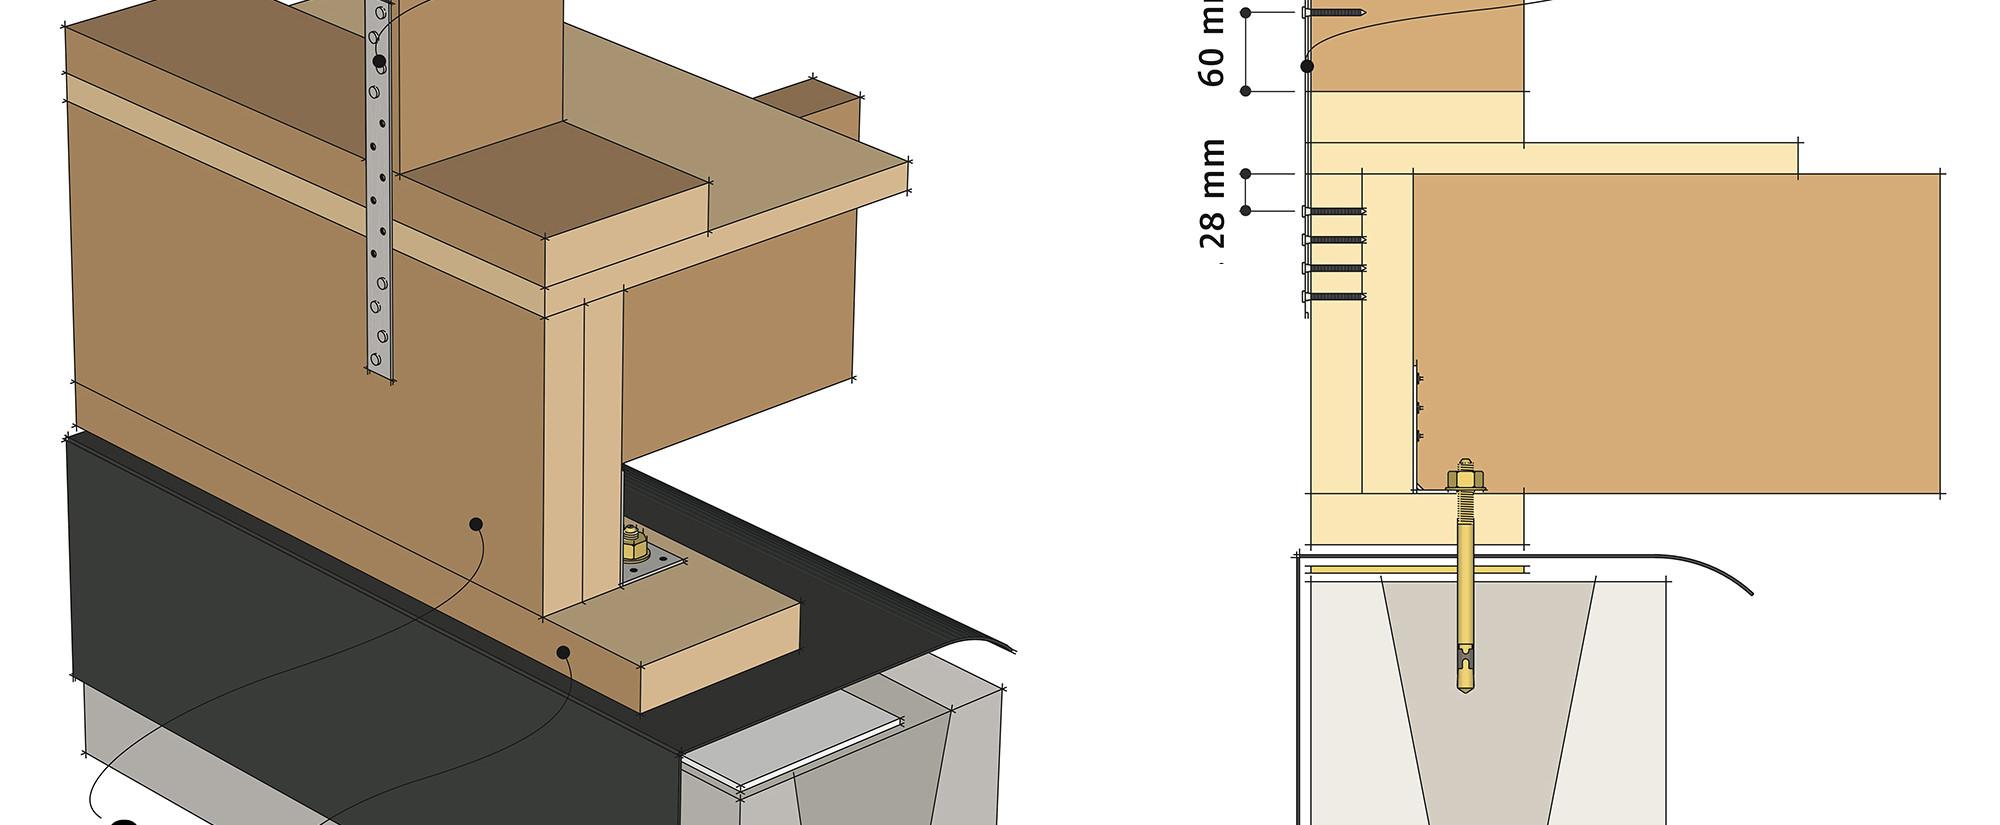 Рис. 9.34 Анкеровка деревянных каркасных стен к цокольному перекрытию с помощью стальных перфорированных лент